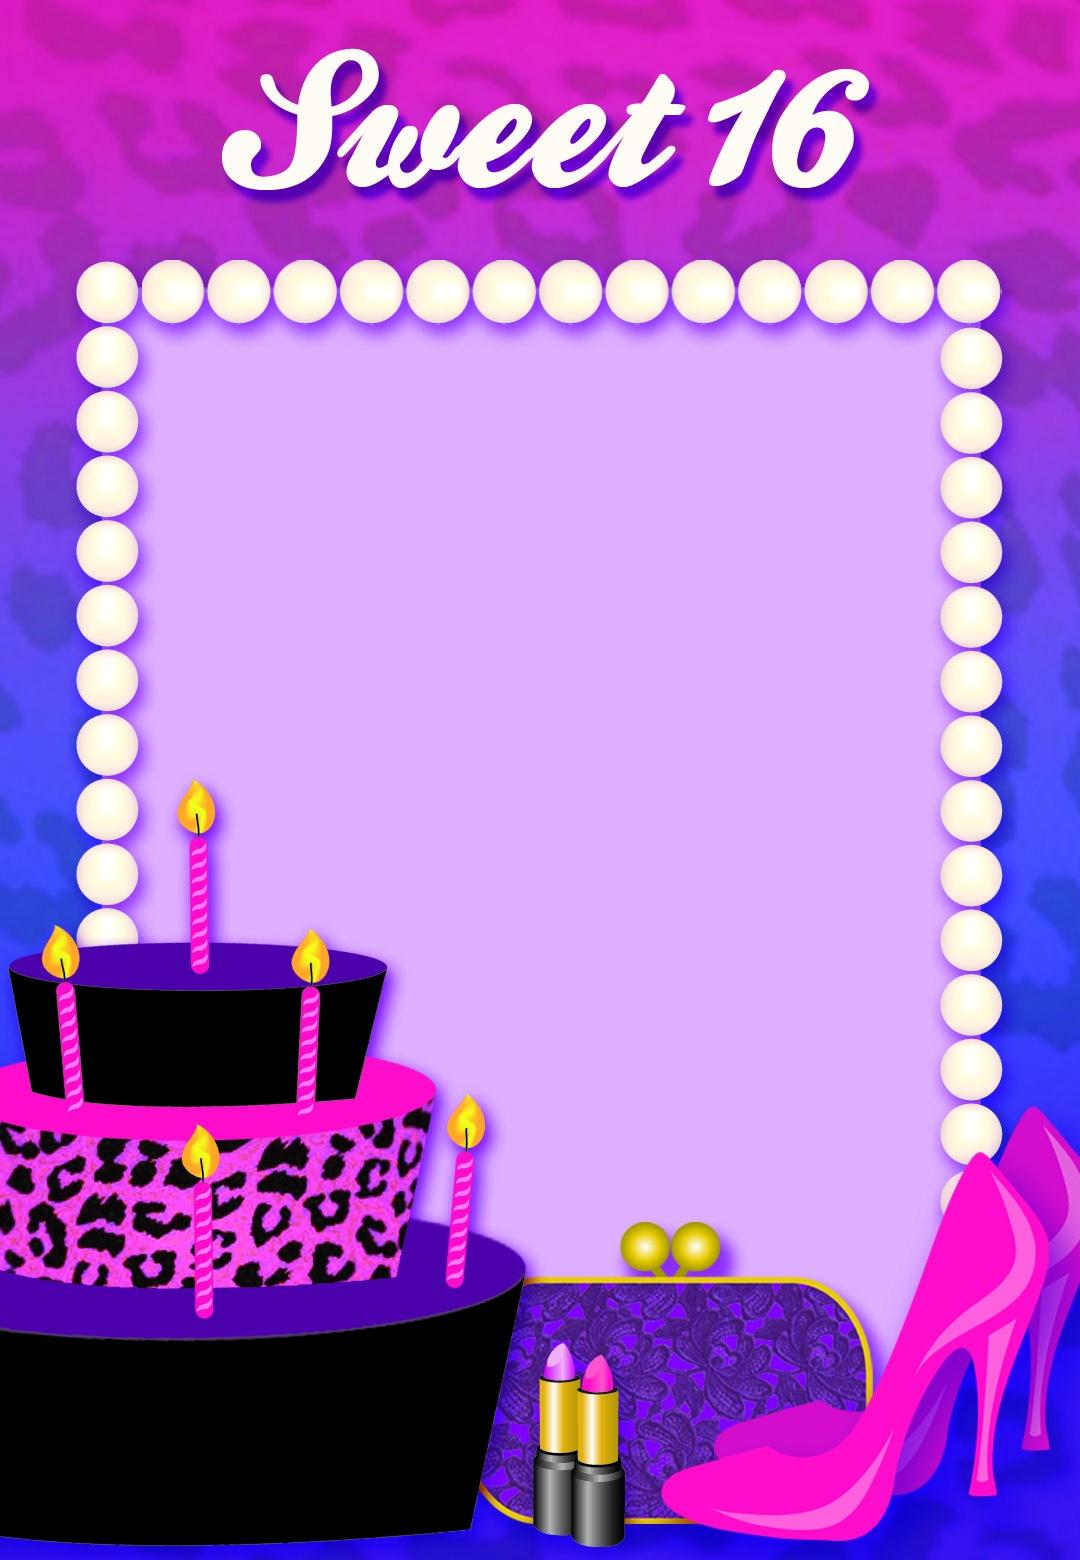 Free Printable Sweet 16 Birthday Invitation | Things I Love | Sweet - Free Printable Sweet 16 Birthday Party Invitations